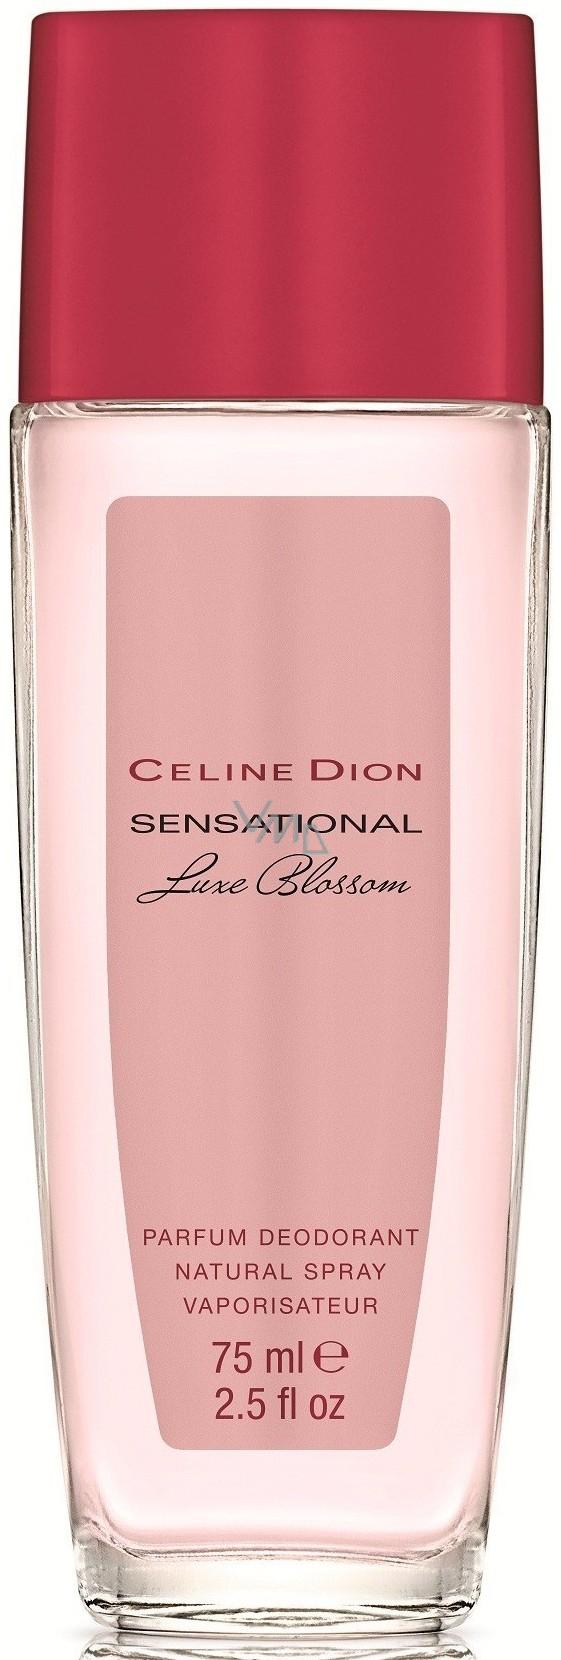 Celine Dion Sensational Luxe Blossom parfémovaný deodorant sklo pro ženy 75 ml